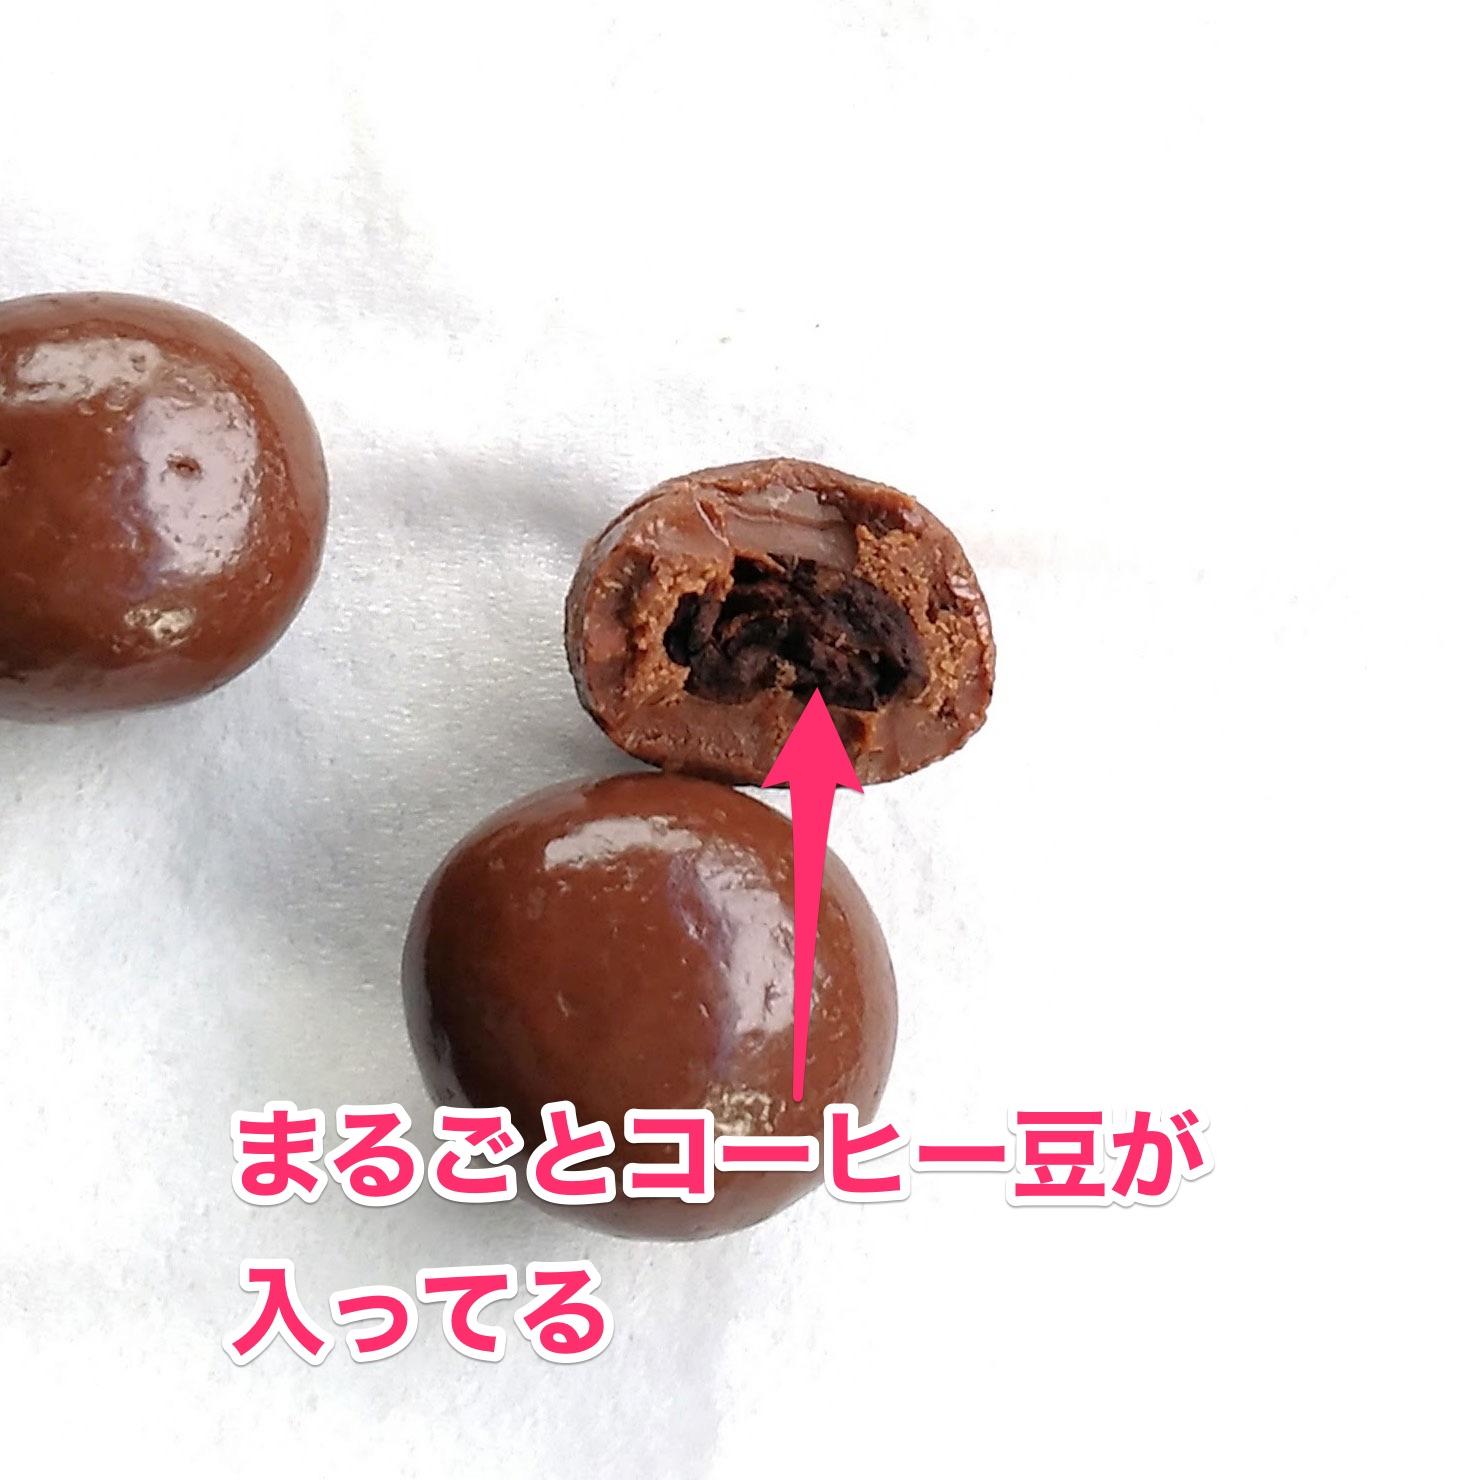 チョコレートの中にはコーヒー豆がまるごと入ってる